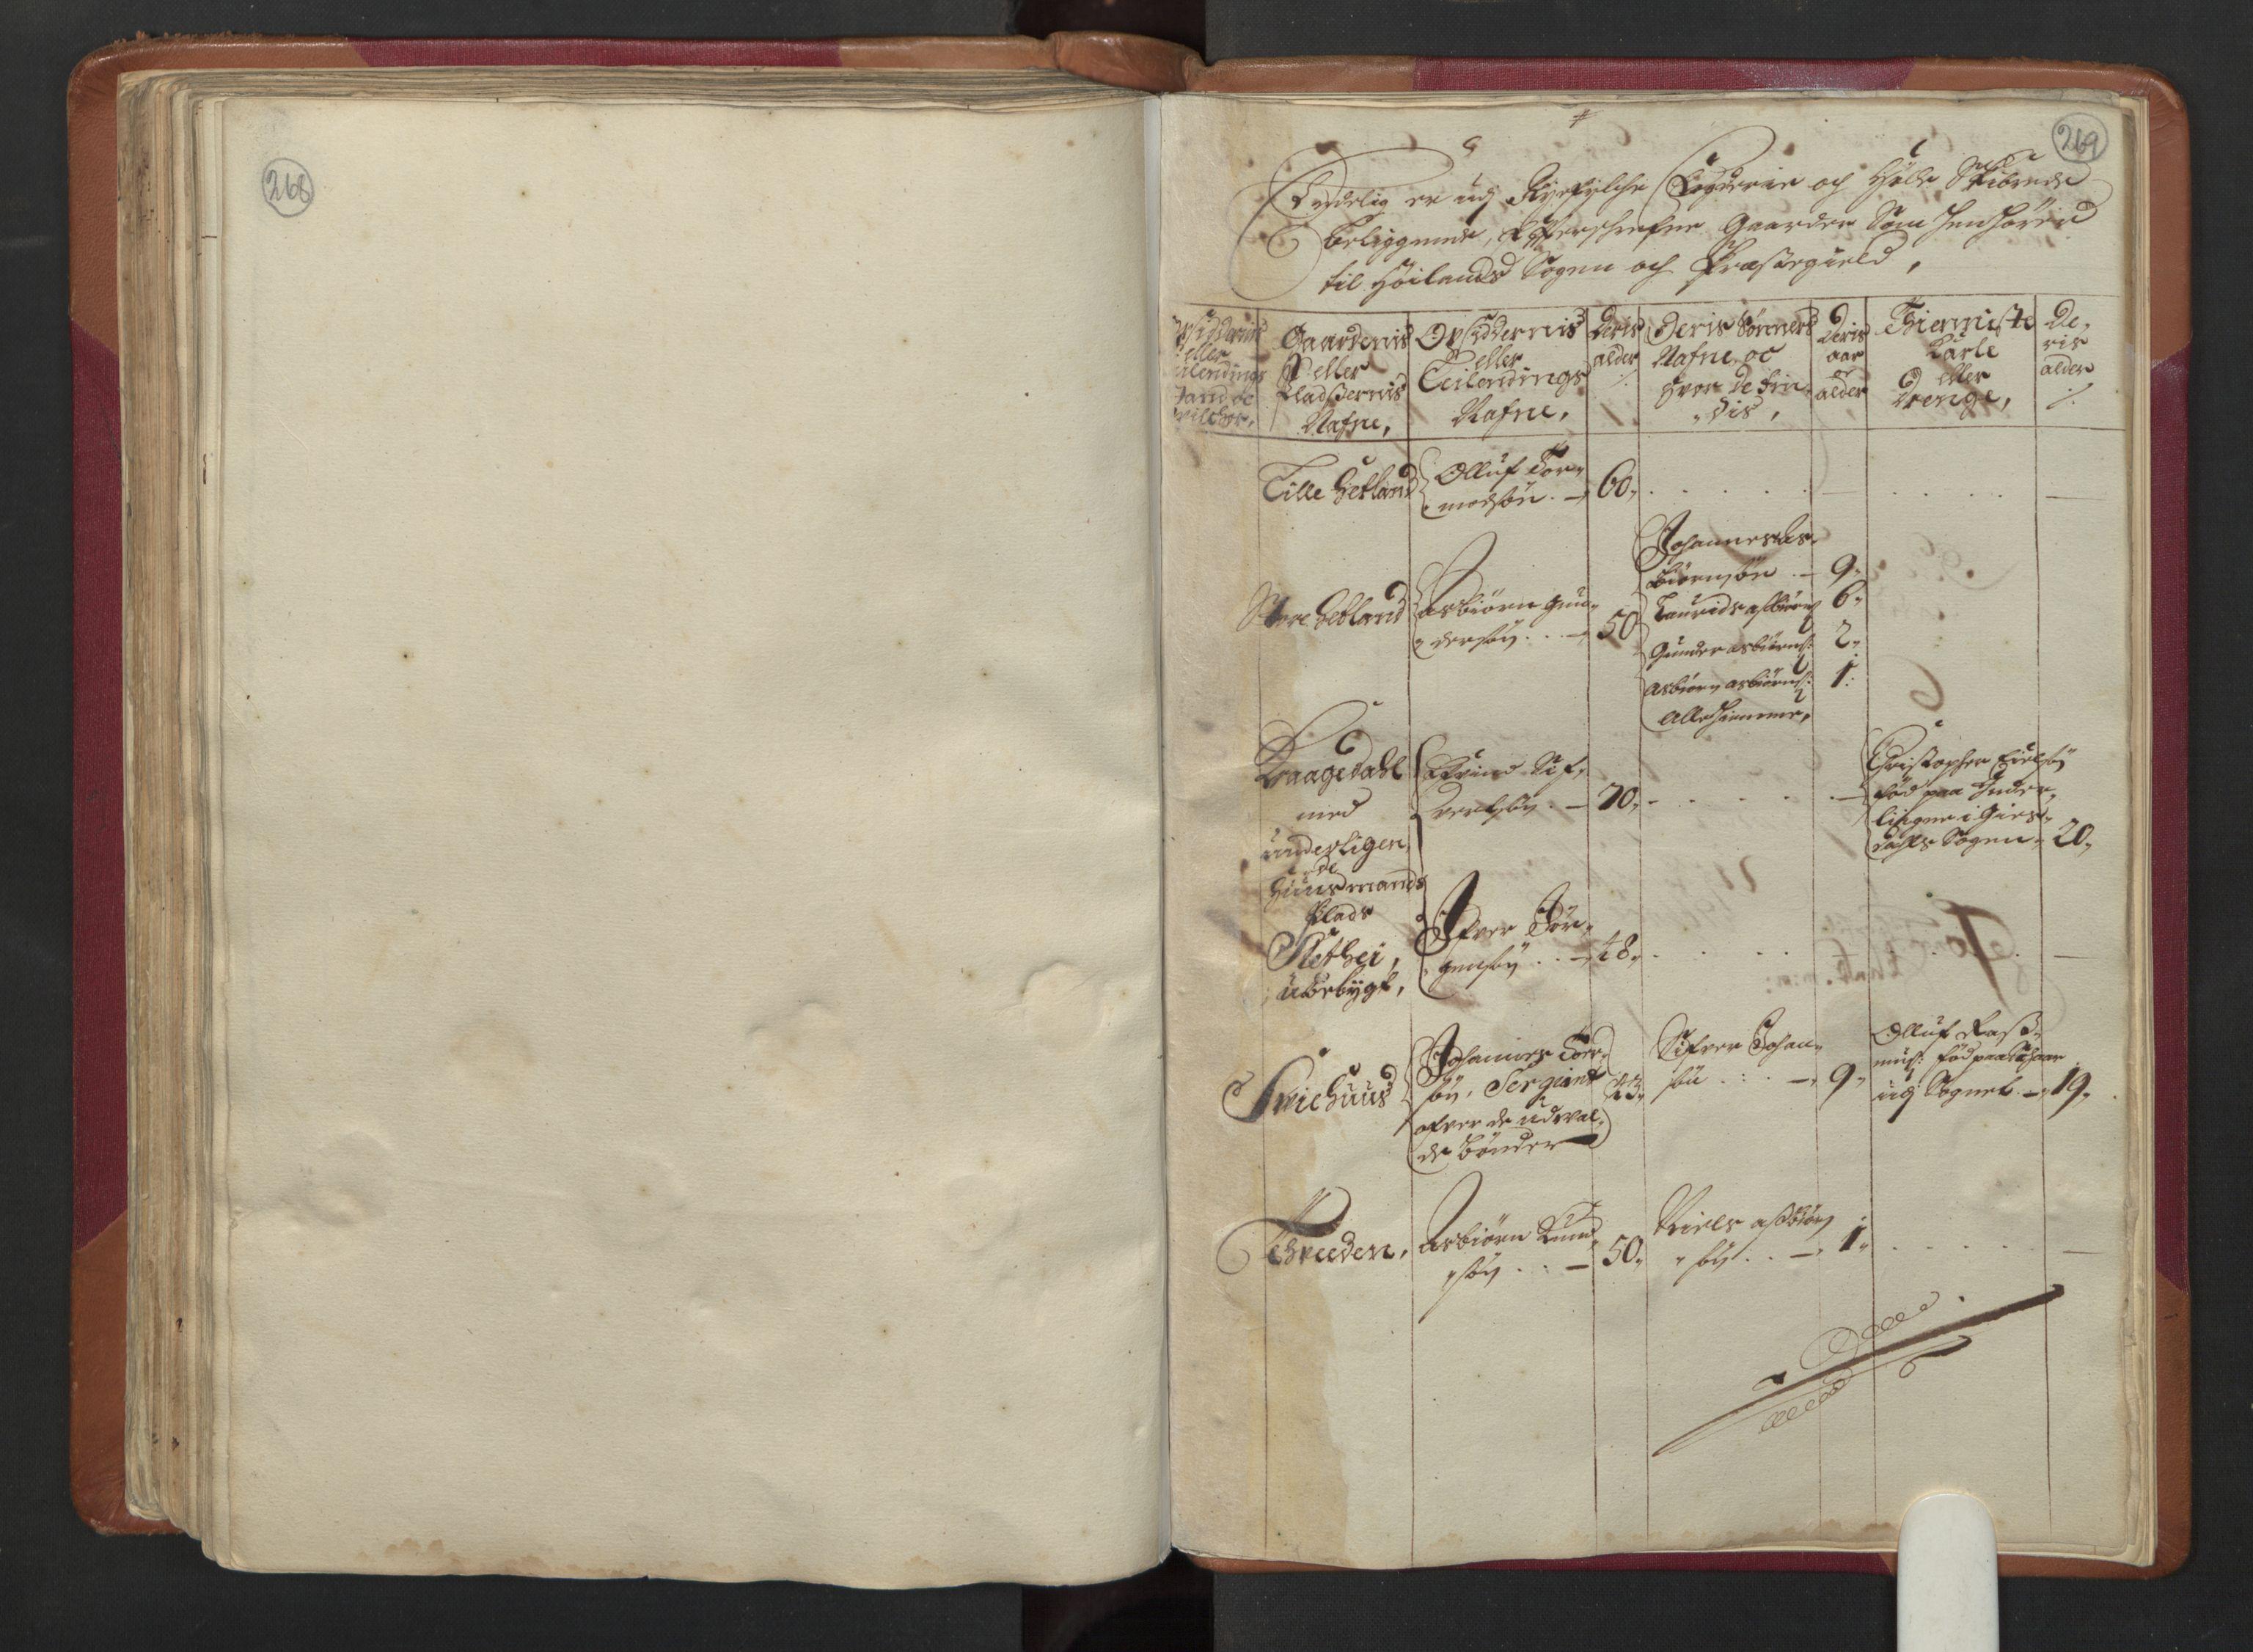 RA, Manntallet 1701, nr. 5: Ryfylke fogderi, 1701, s. 268-269